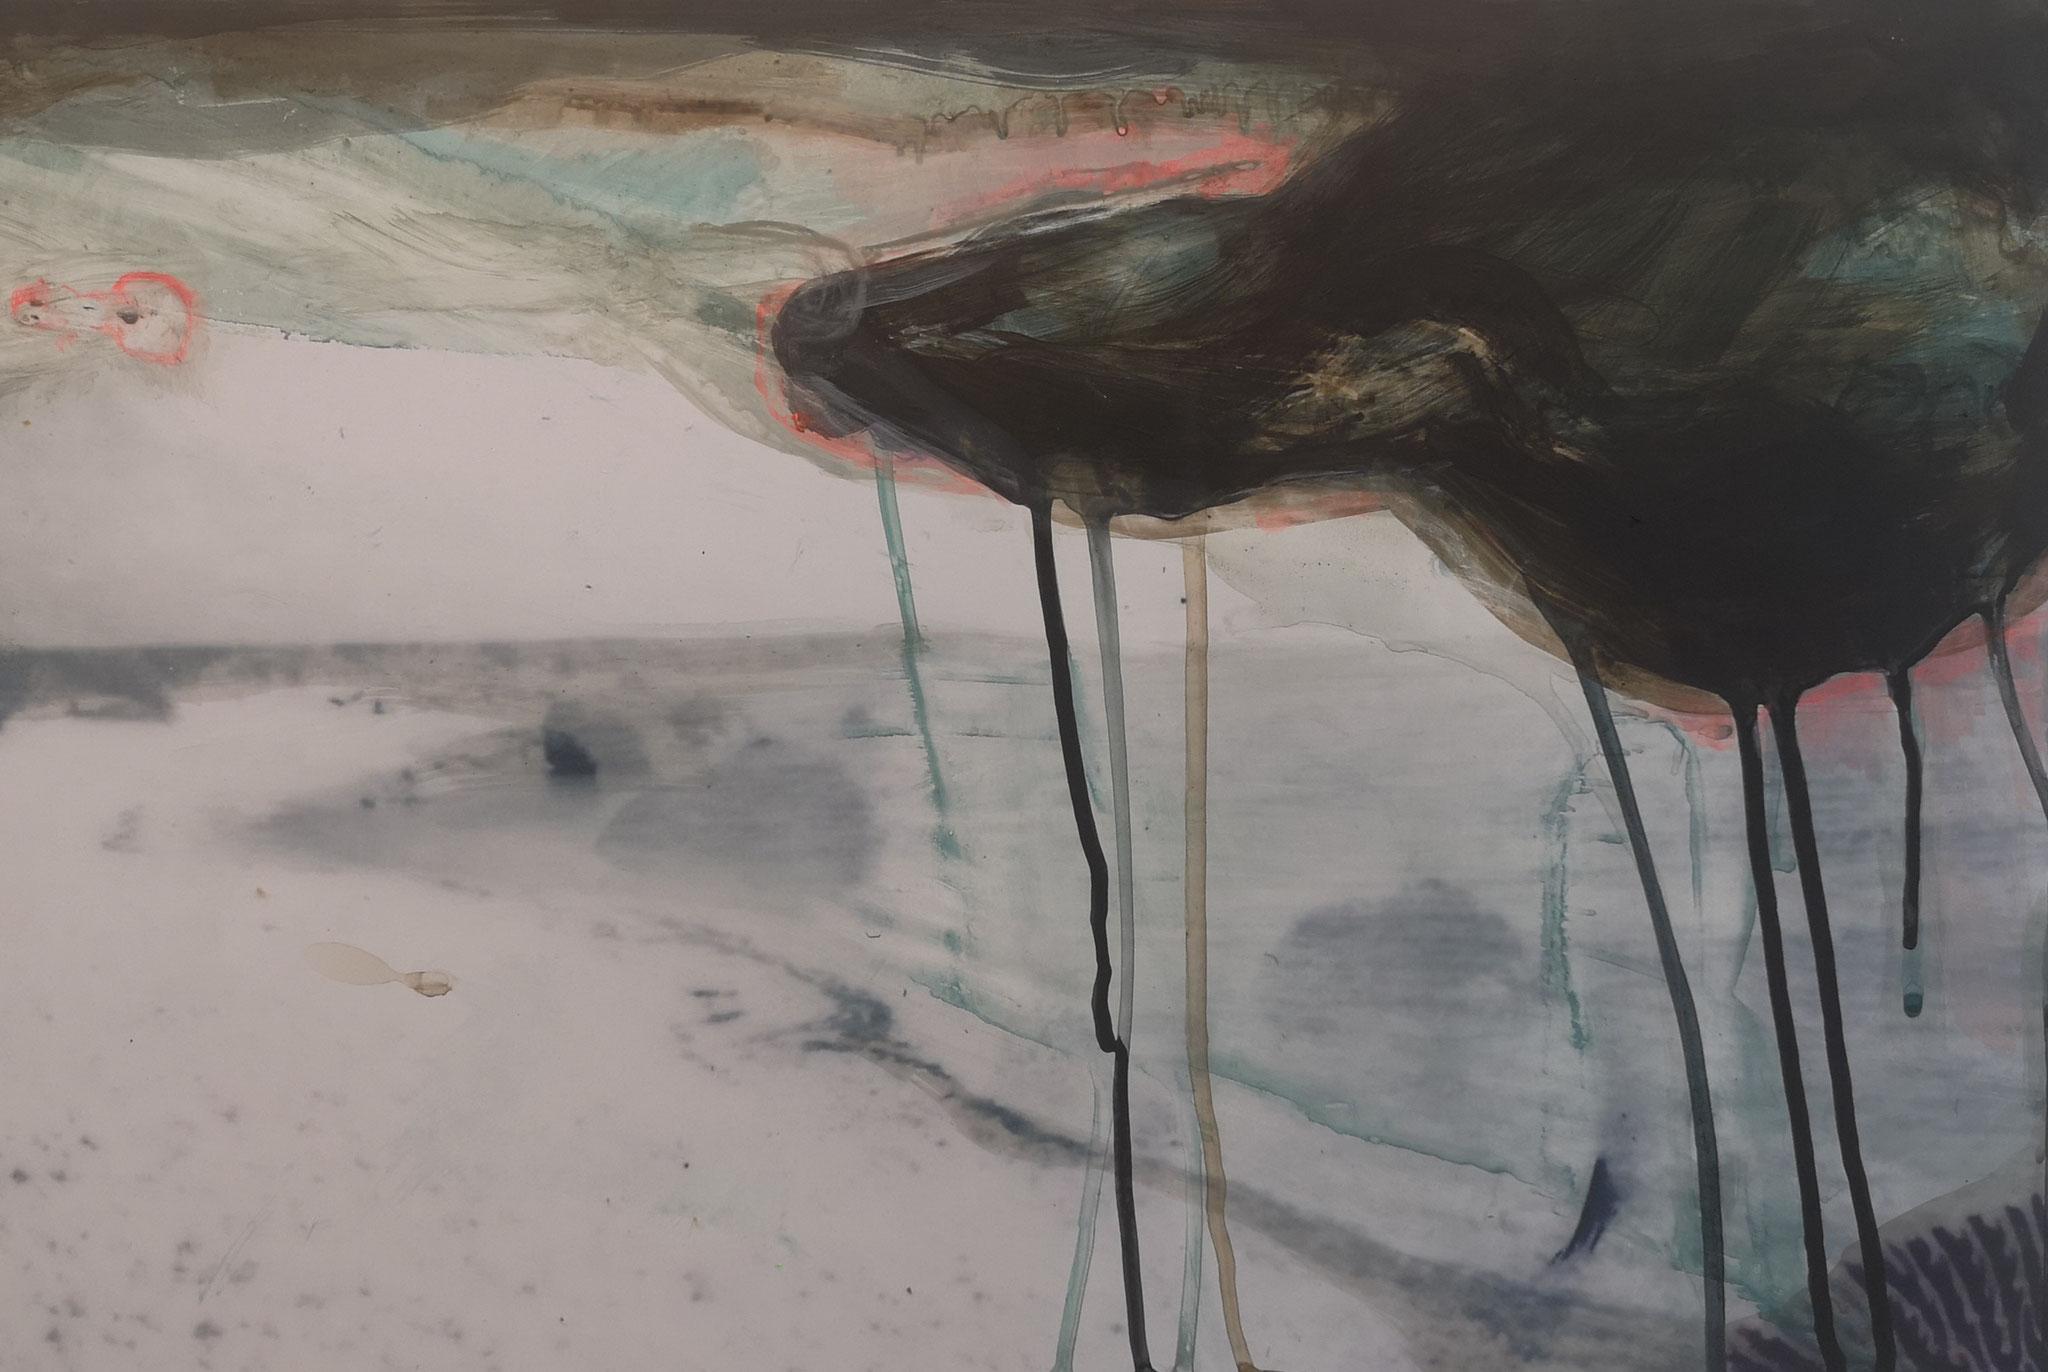 Genius Loci, Acryl auf Fotografie, Alu-Dibond, 35 x 40 cm, 2020